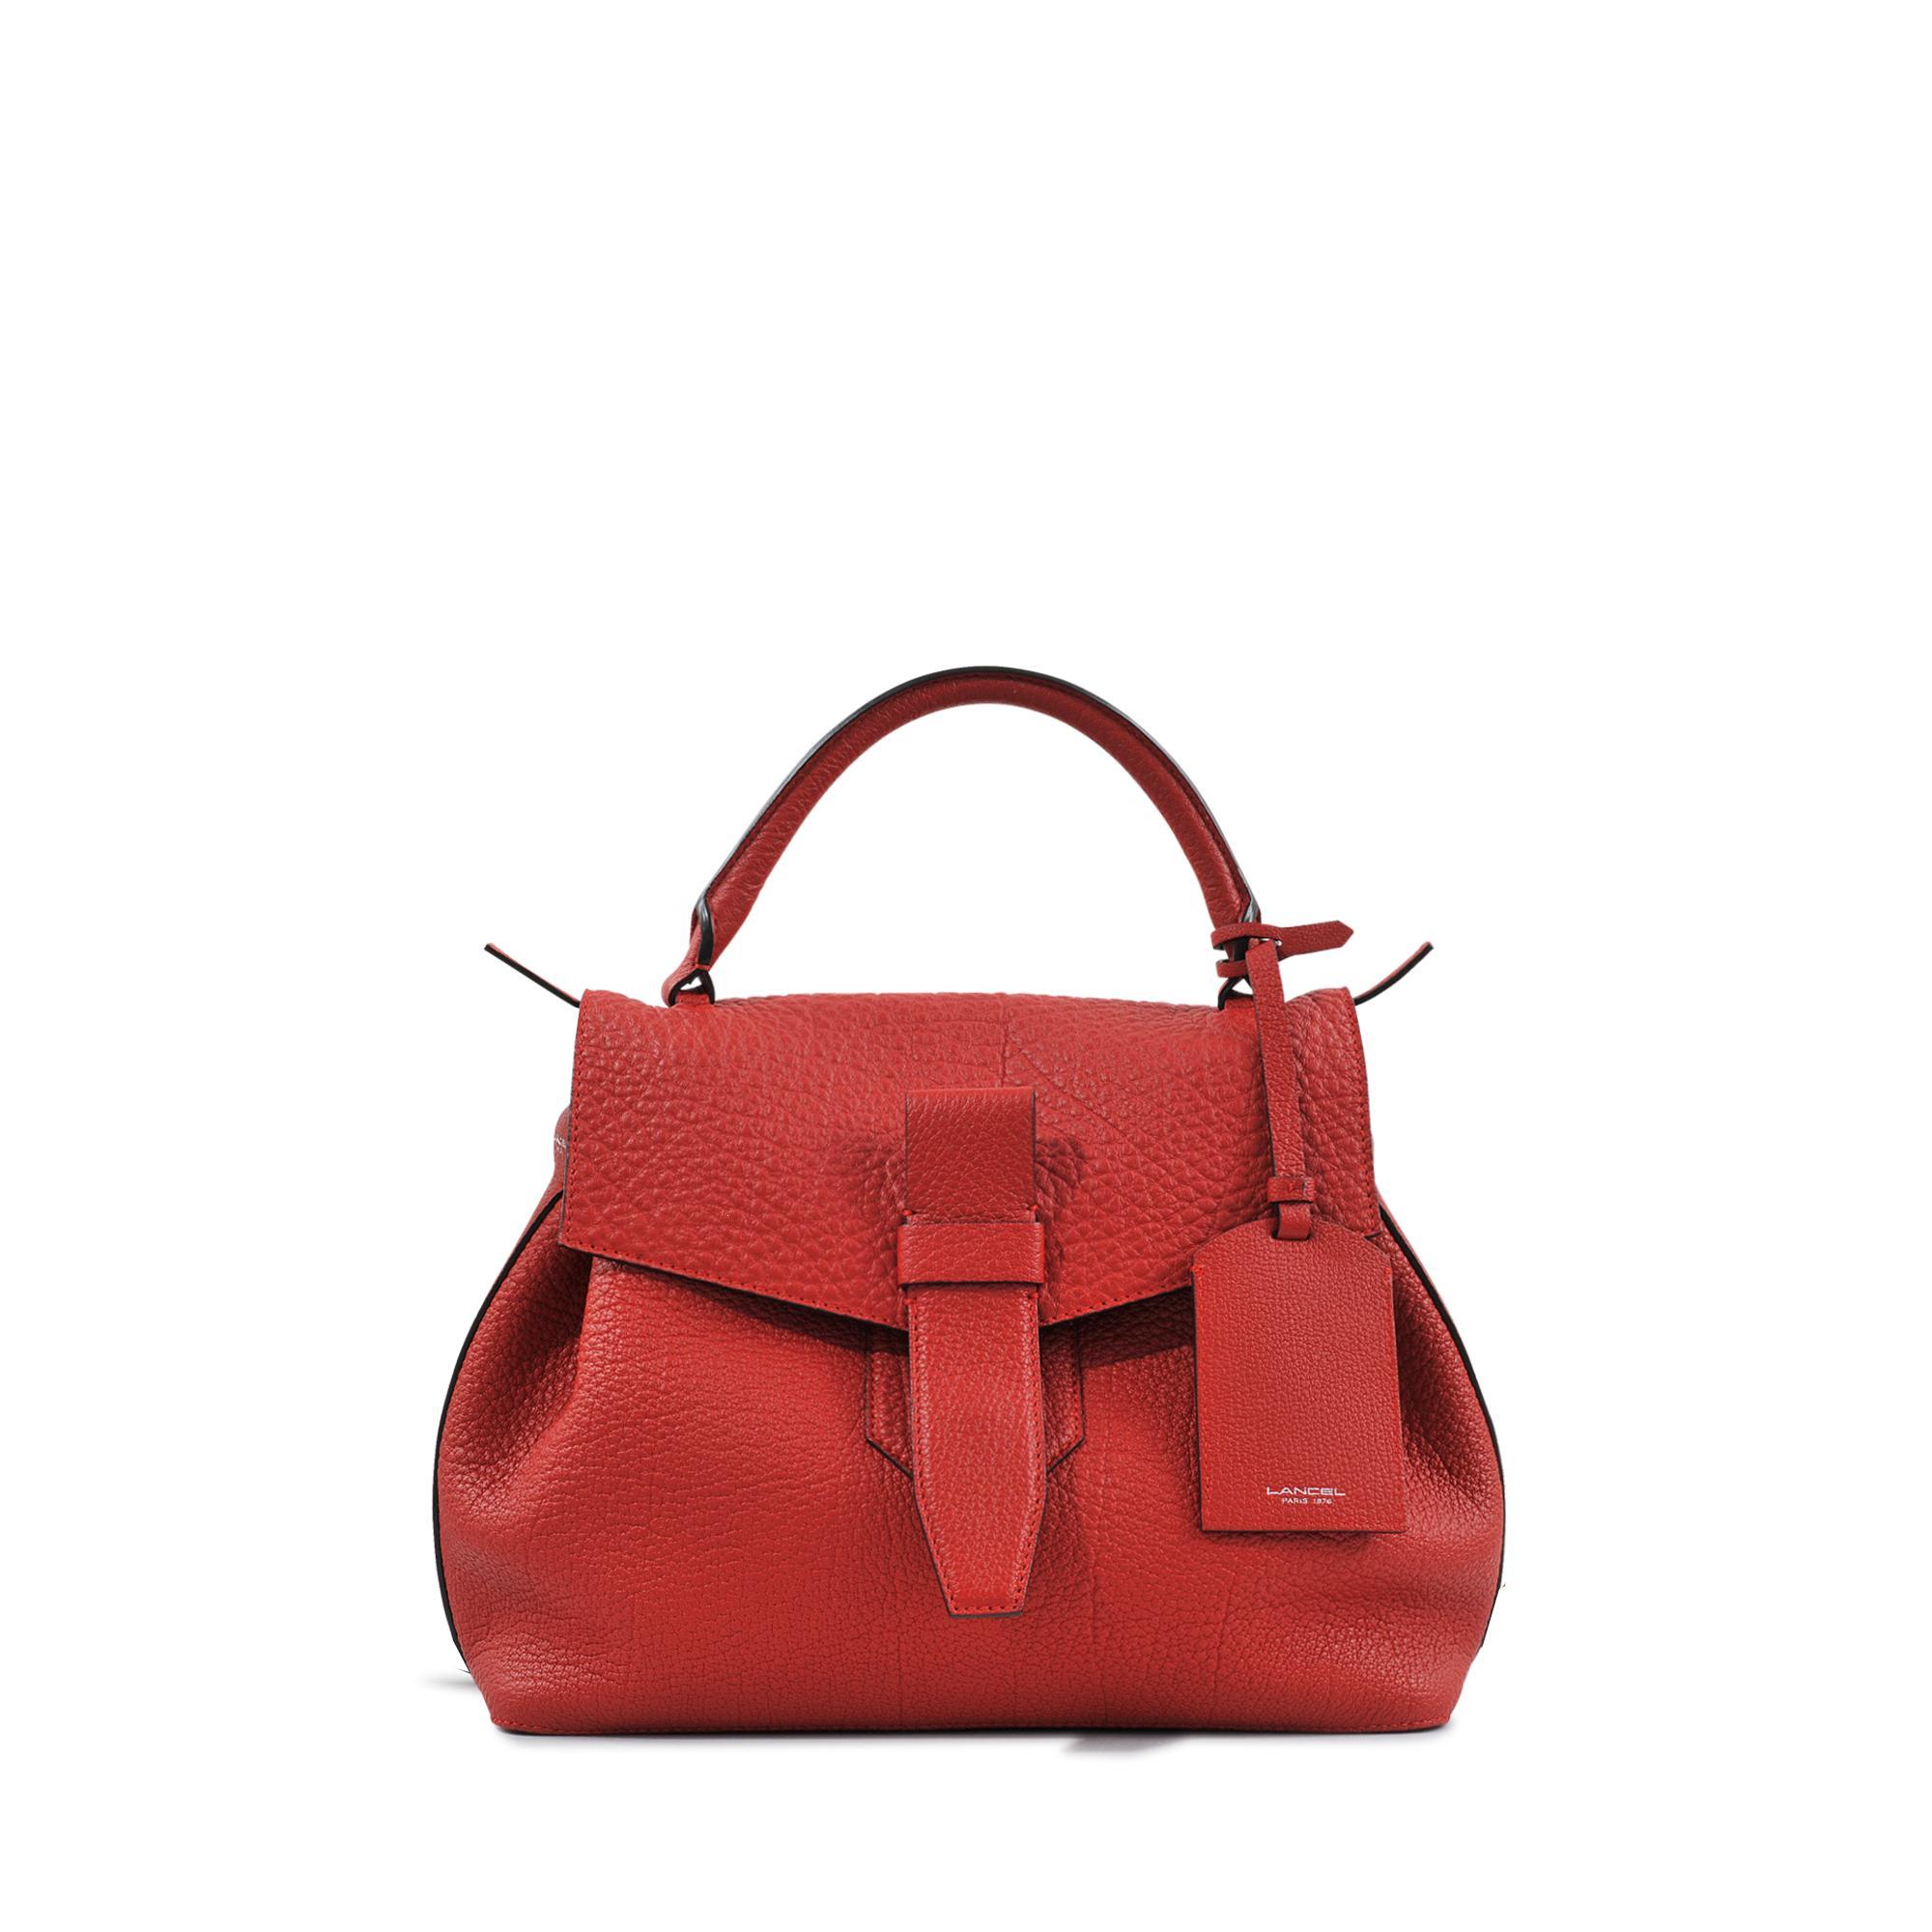 lancel charlie handbag in red save 10 lyst. Black Bedroom Furniture Sets. Home Design Ideas